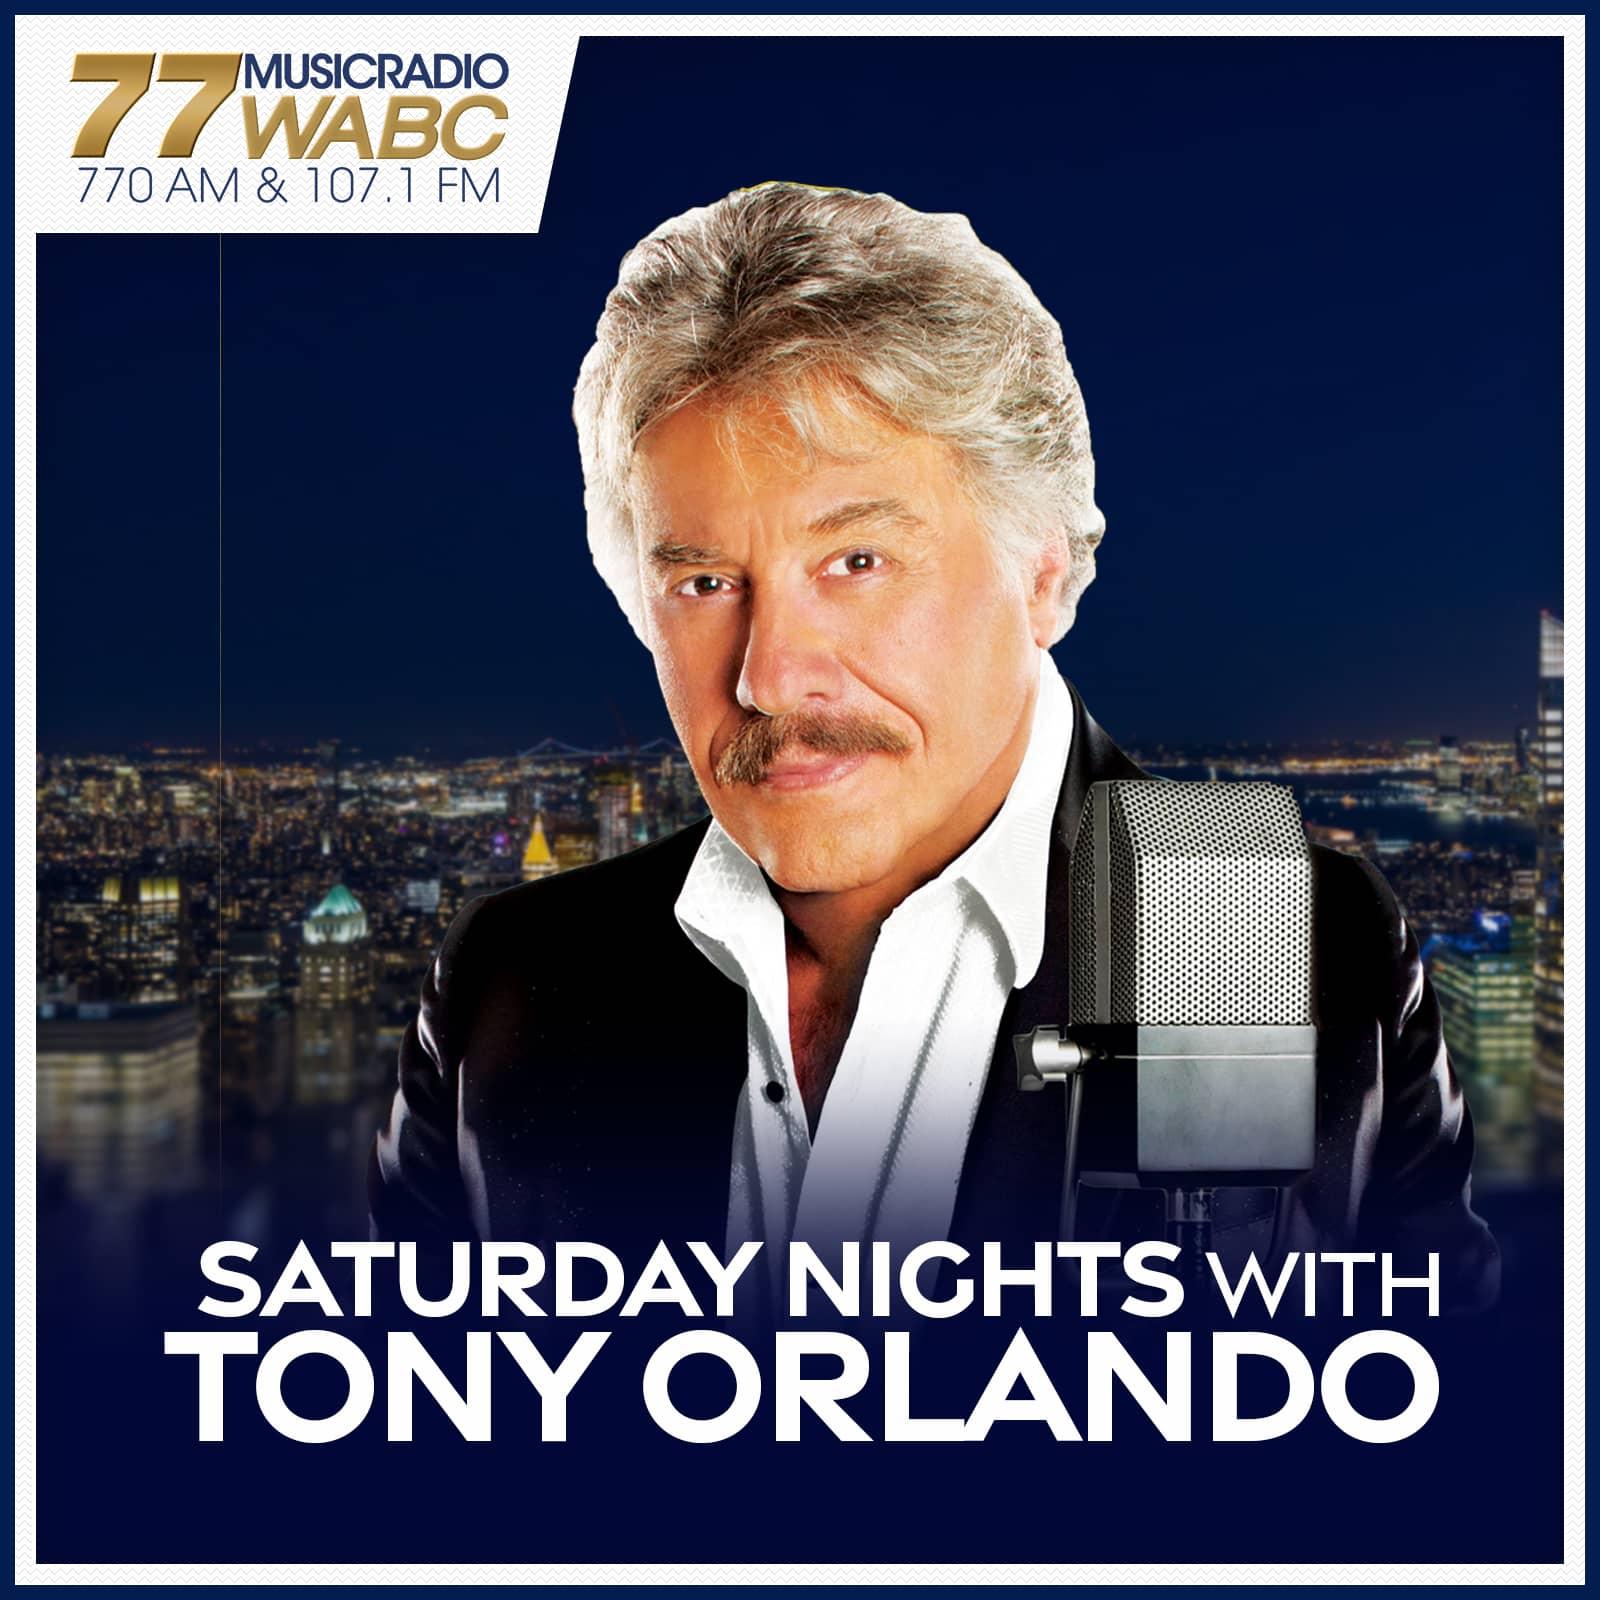 Saturday Nights with Tony Orlando